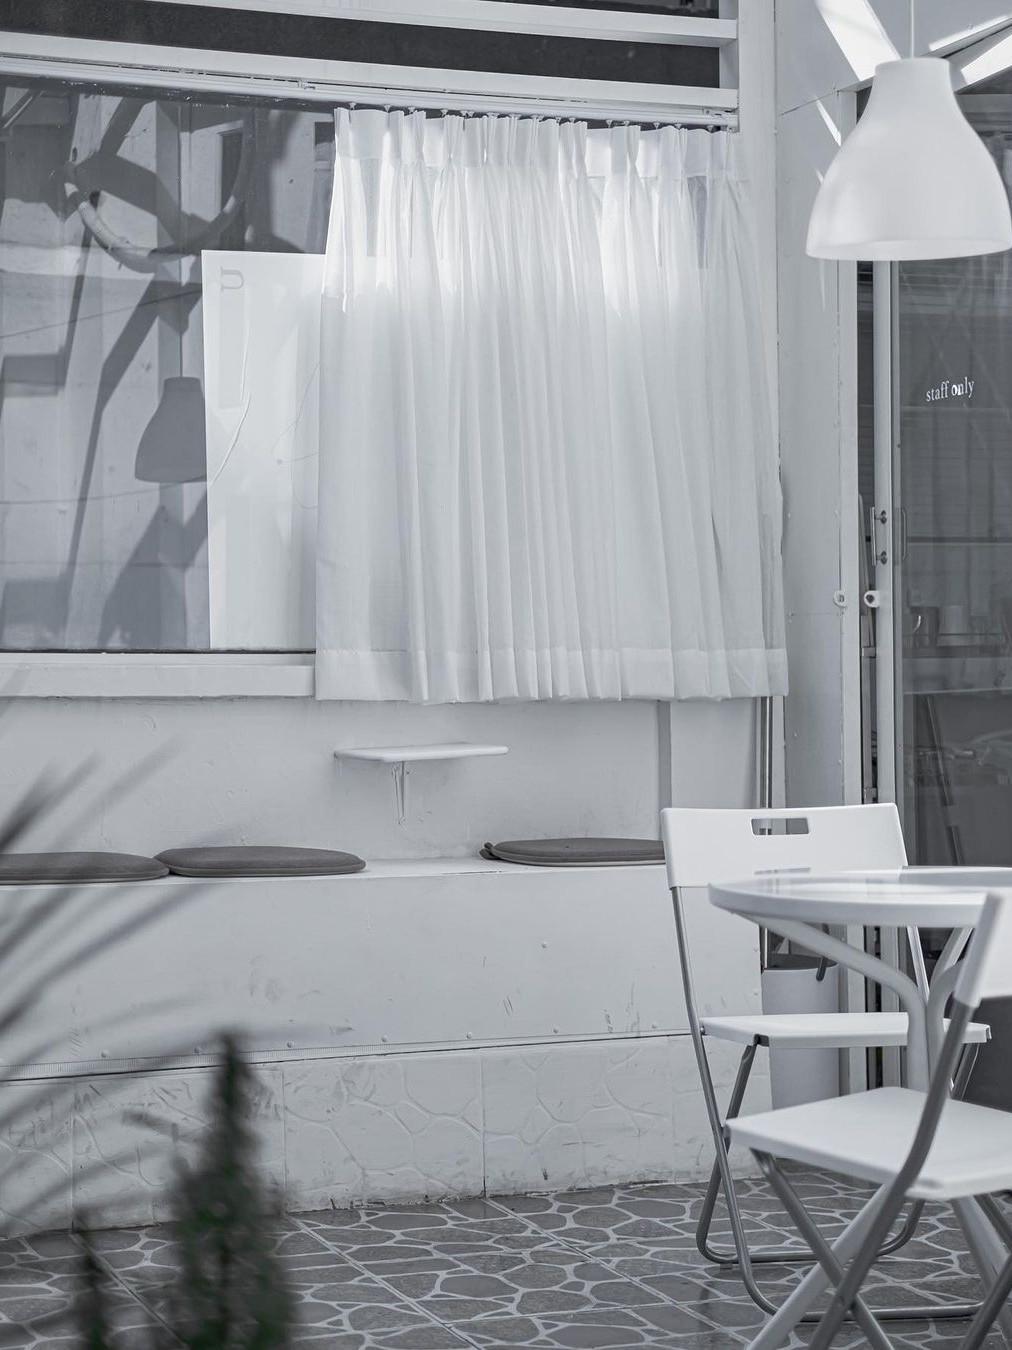 Dumm Cafe sử dụng tông trắng làm màu chủ đạo